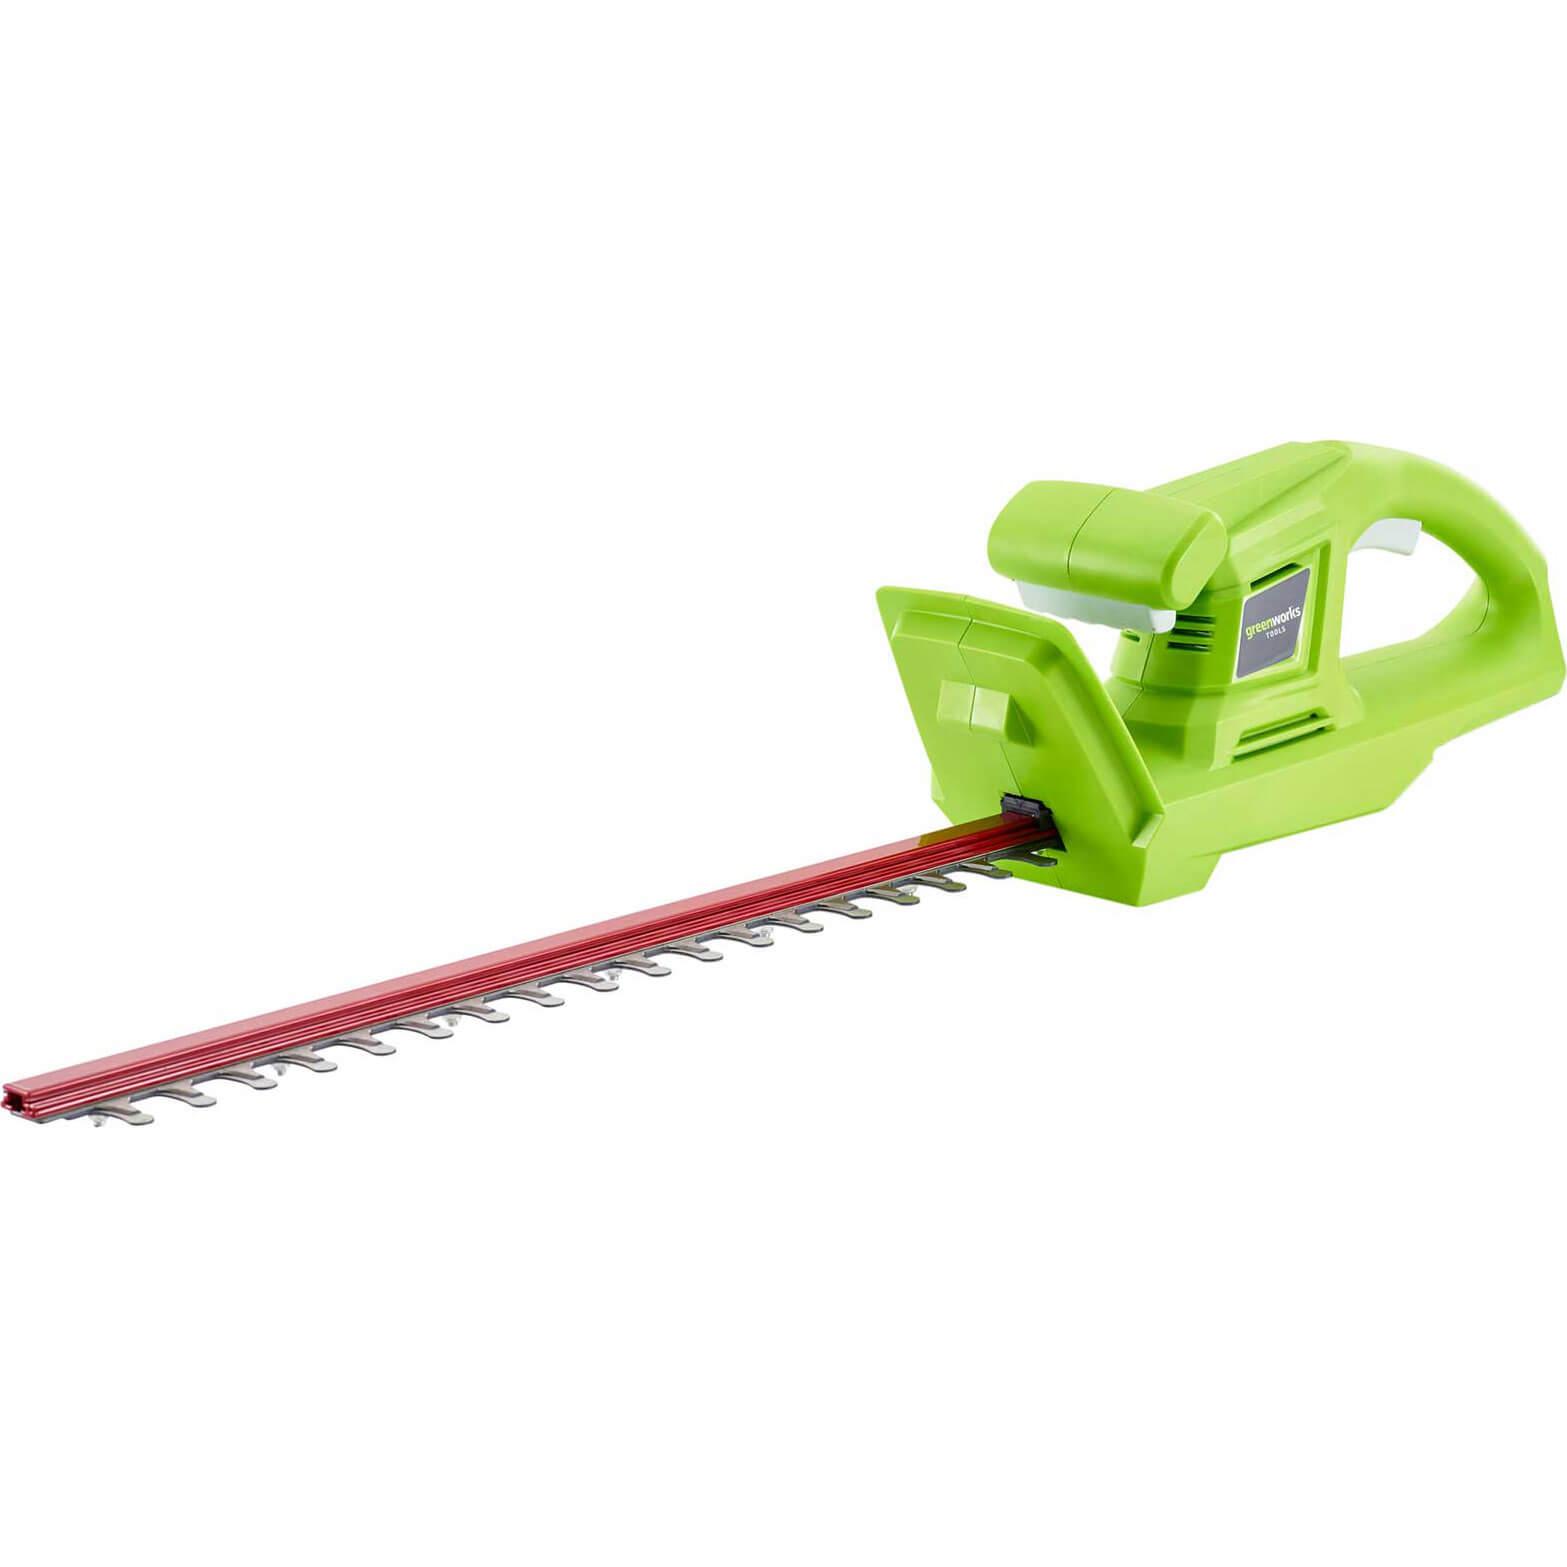 Greenworks G24HT 24v Cordless Hedge Trimmer 510mm No Batteries No Charger